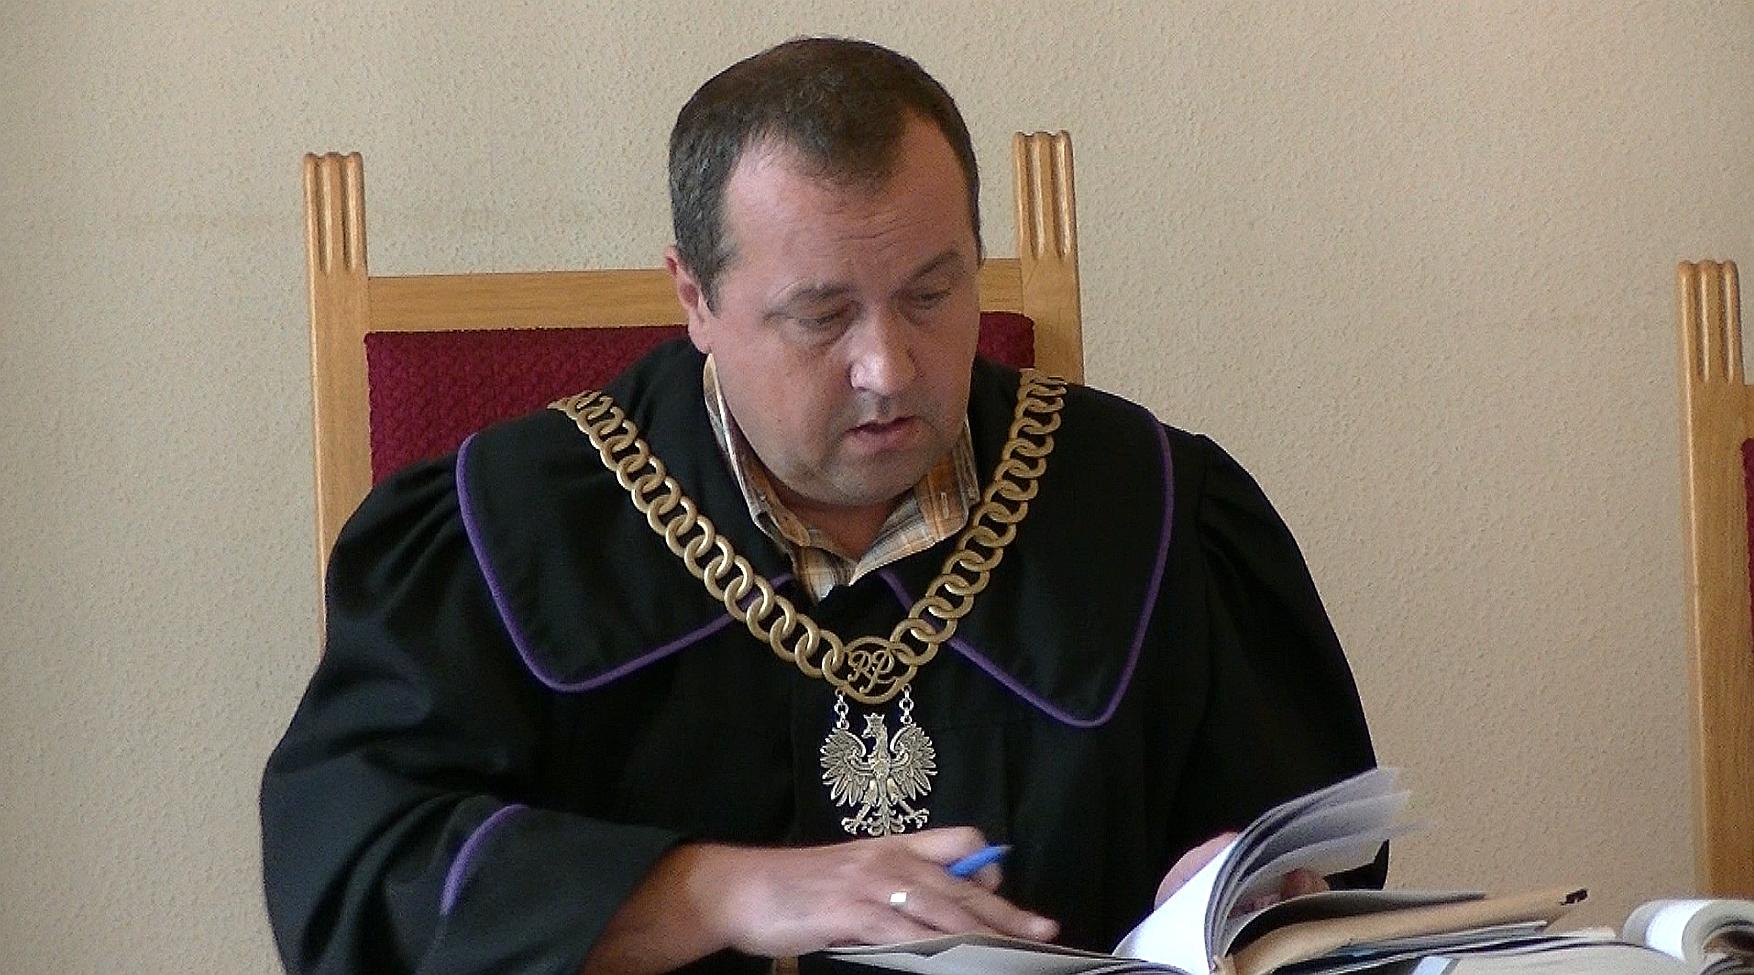 WOLNY CZYN: Oskarżony o nielegalne ulotki i nielegalne zgromadzenie